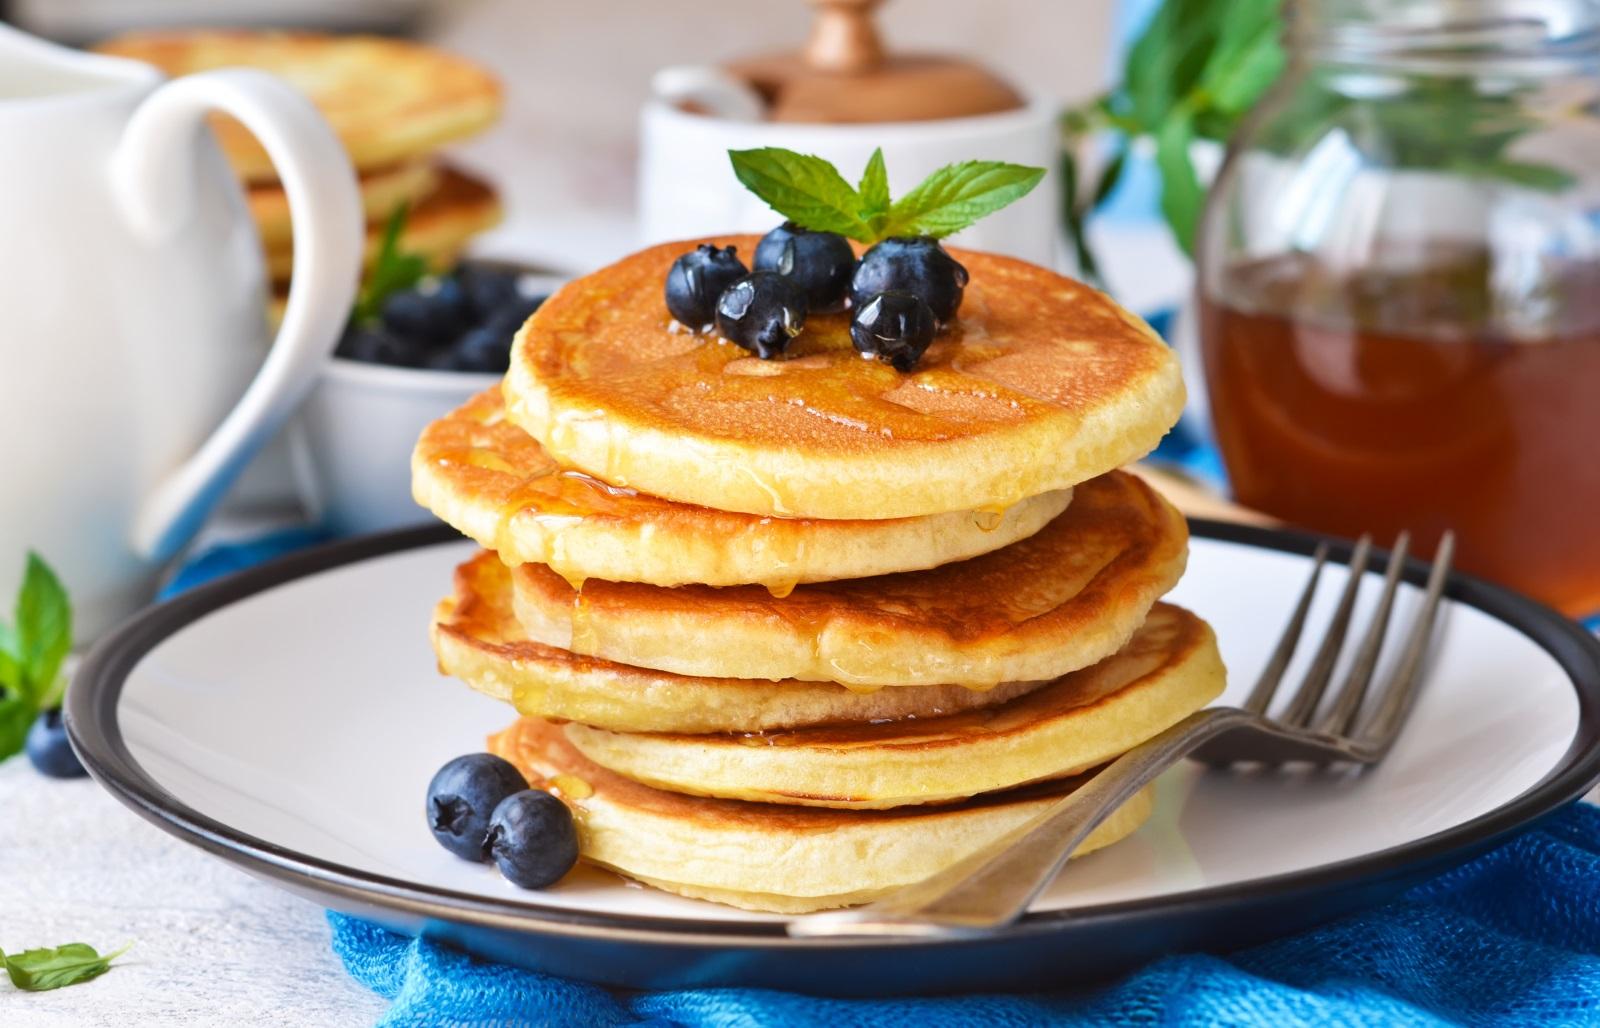 Тестени изделия Всички знаем колко са вкусни мекиците и палачинките, но те не ни доставят нищо повече от по-висок холестерол и приятно усещане на небцето.